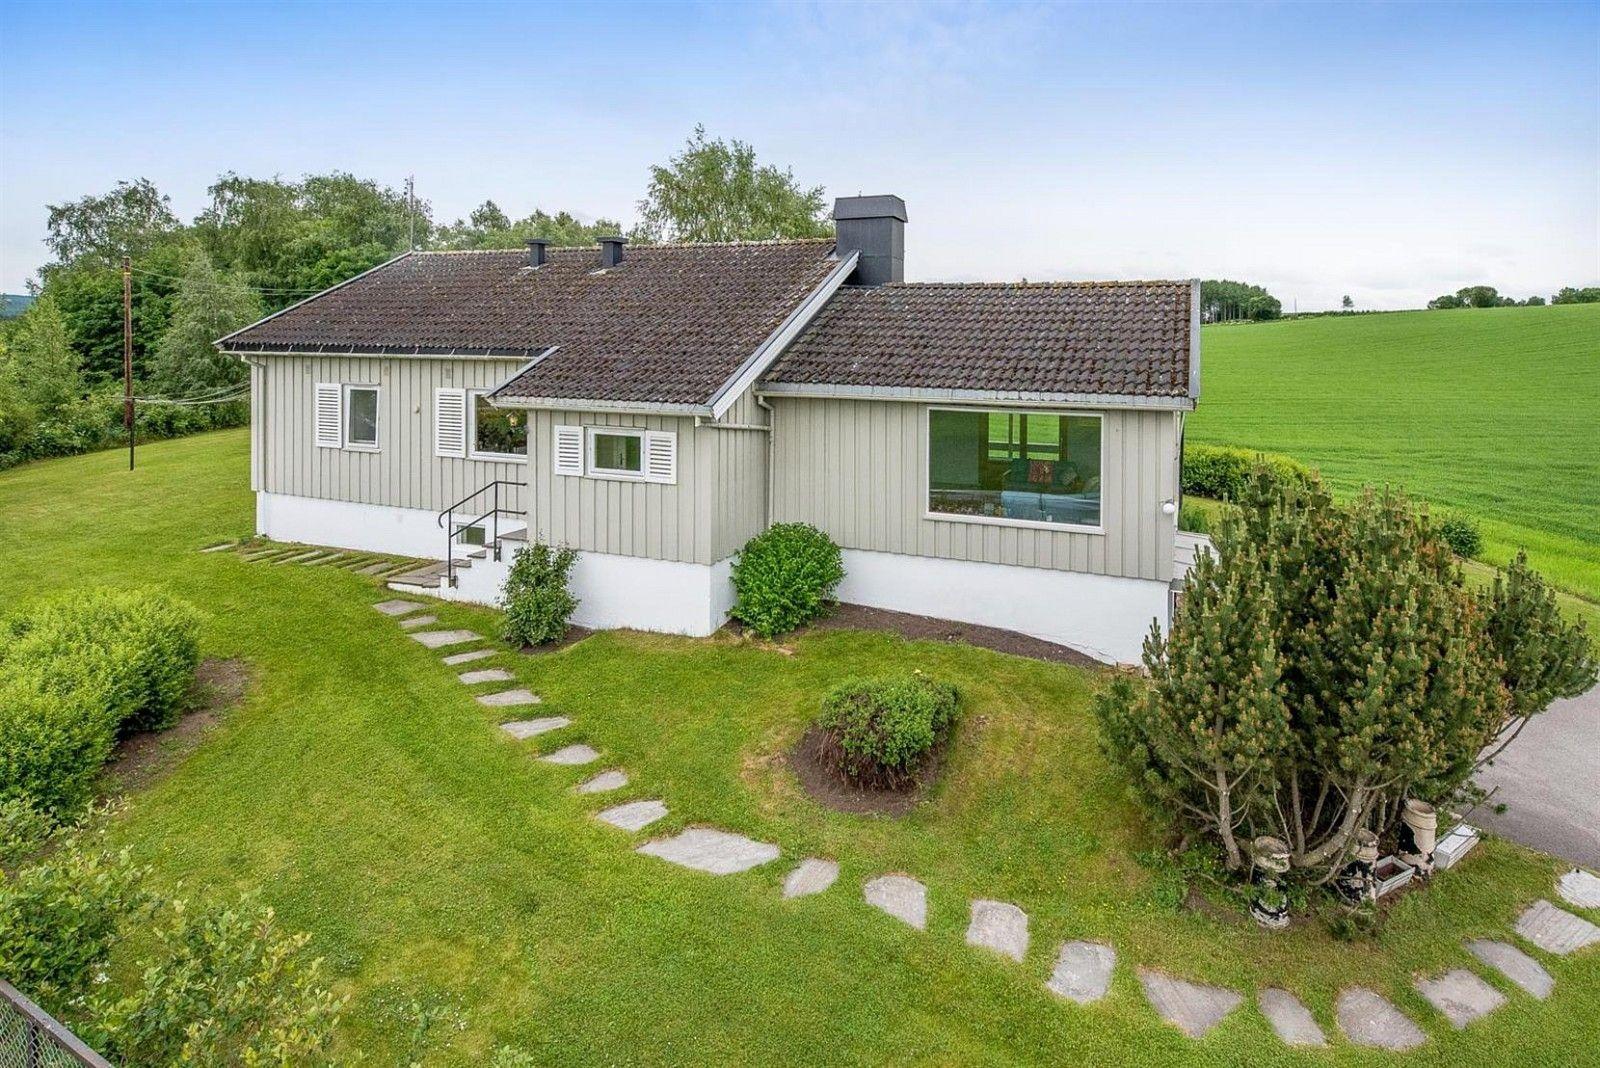 FINN – Romedal - Lys og pen bolig på flott tomt - Nytt bad